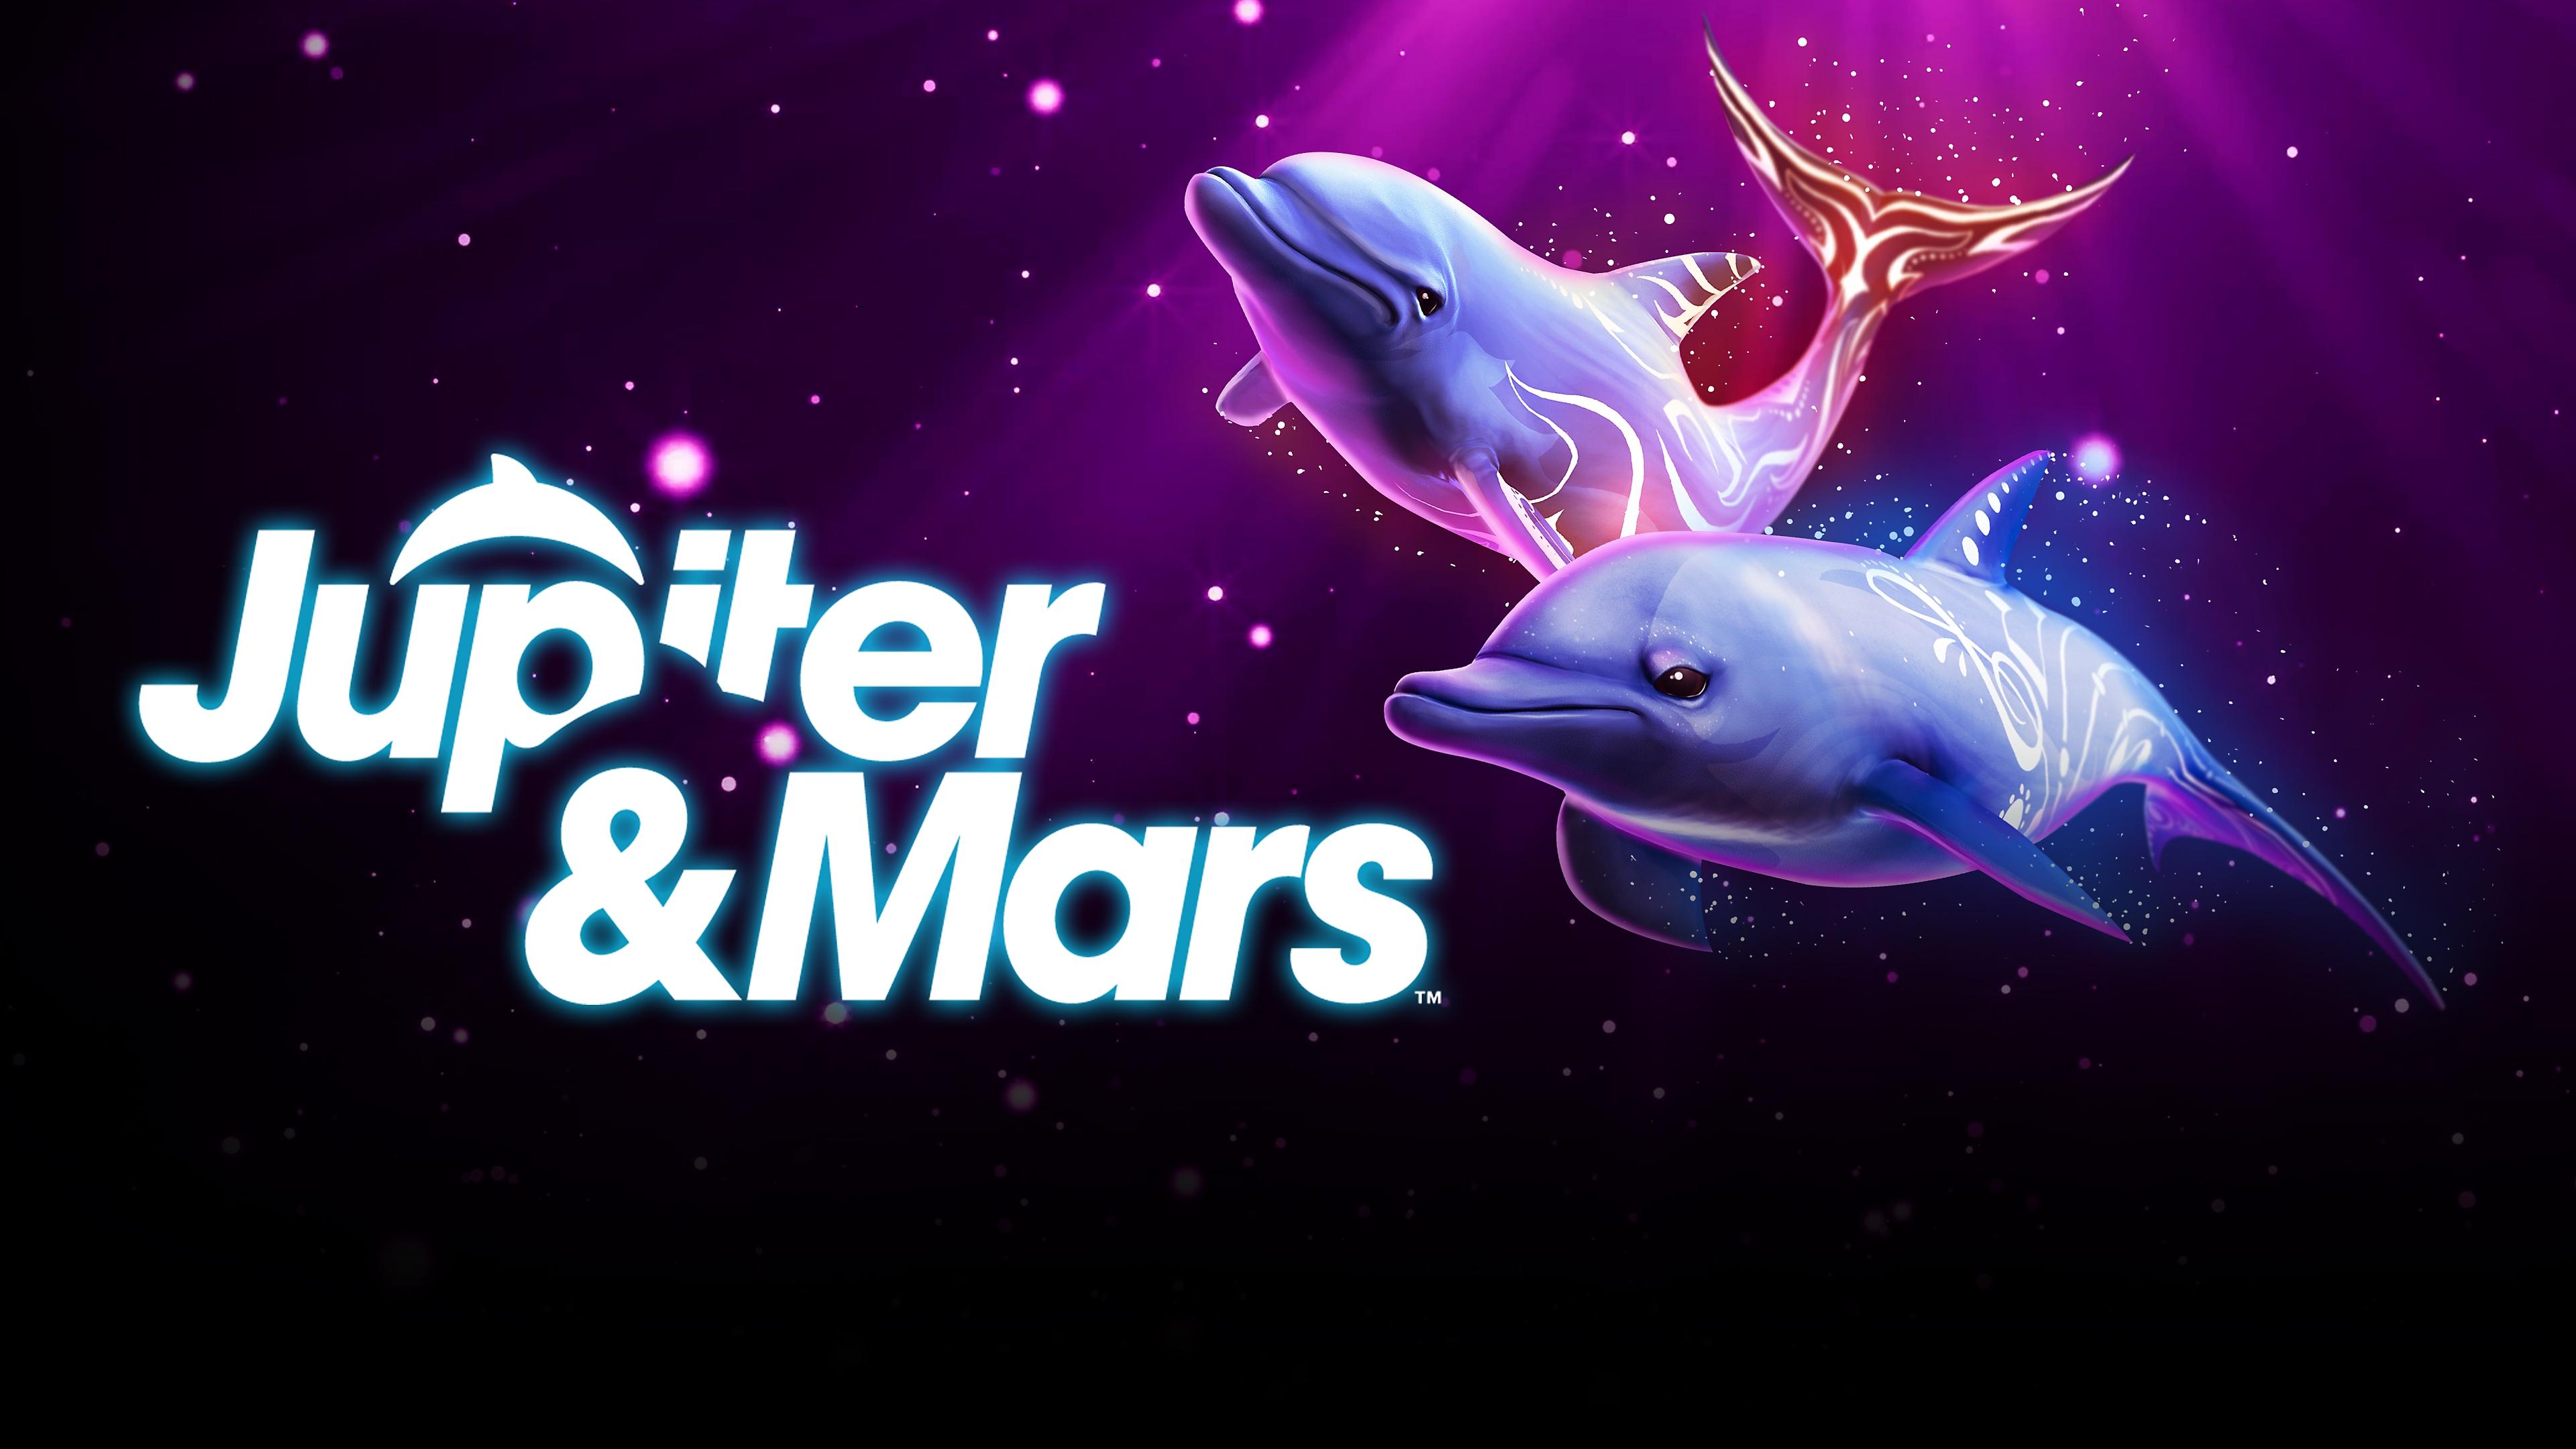 Jupiter & Mars - Launch Trailer | PS4, PS VR